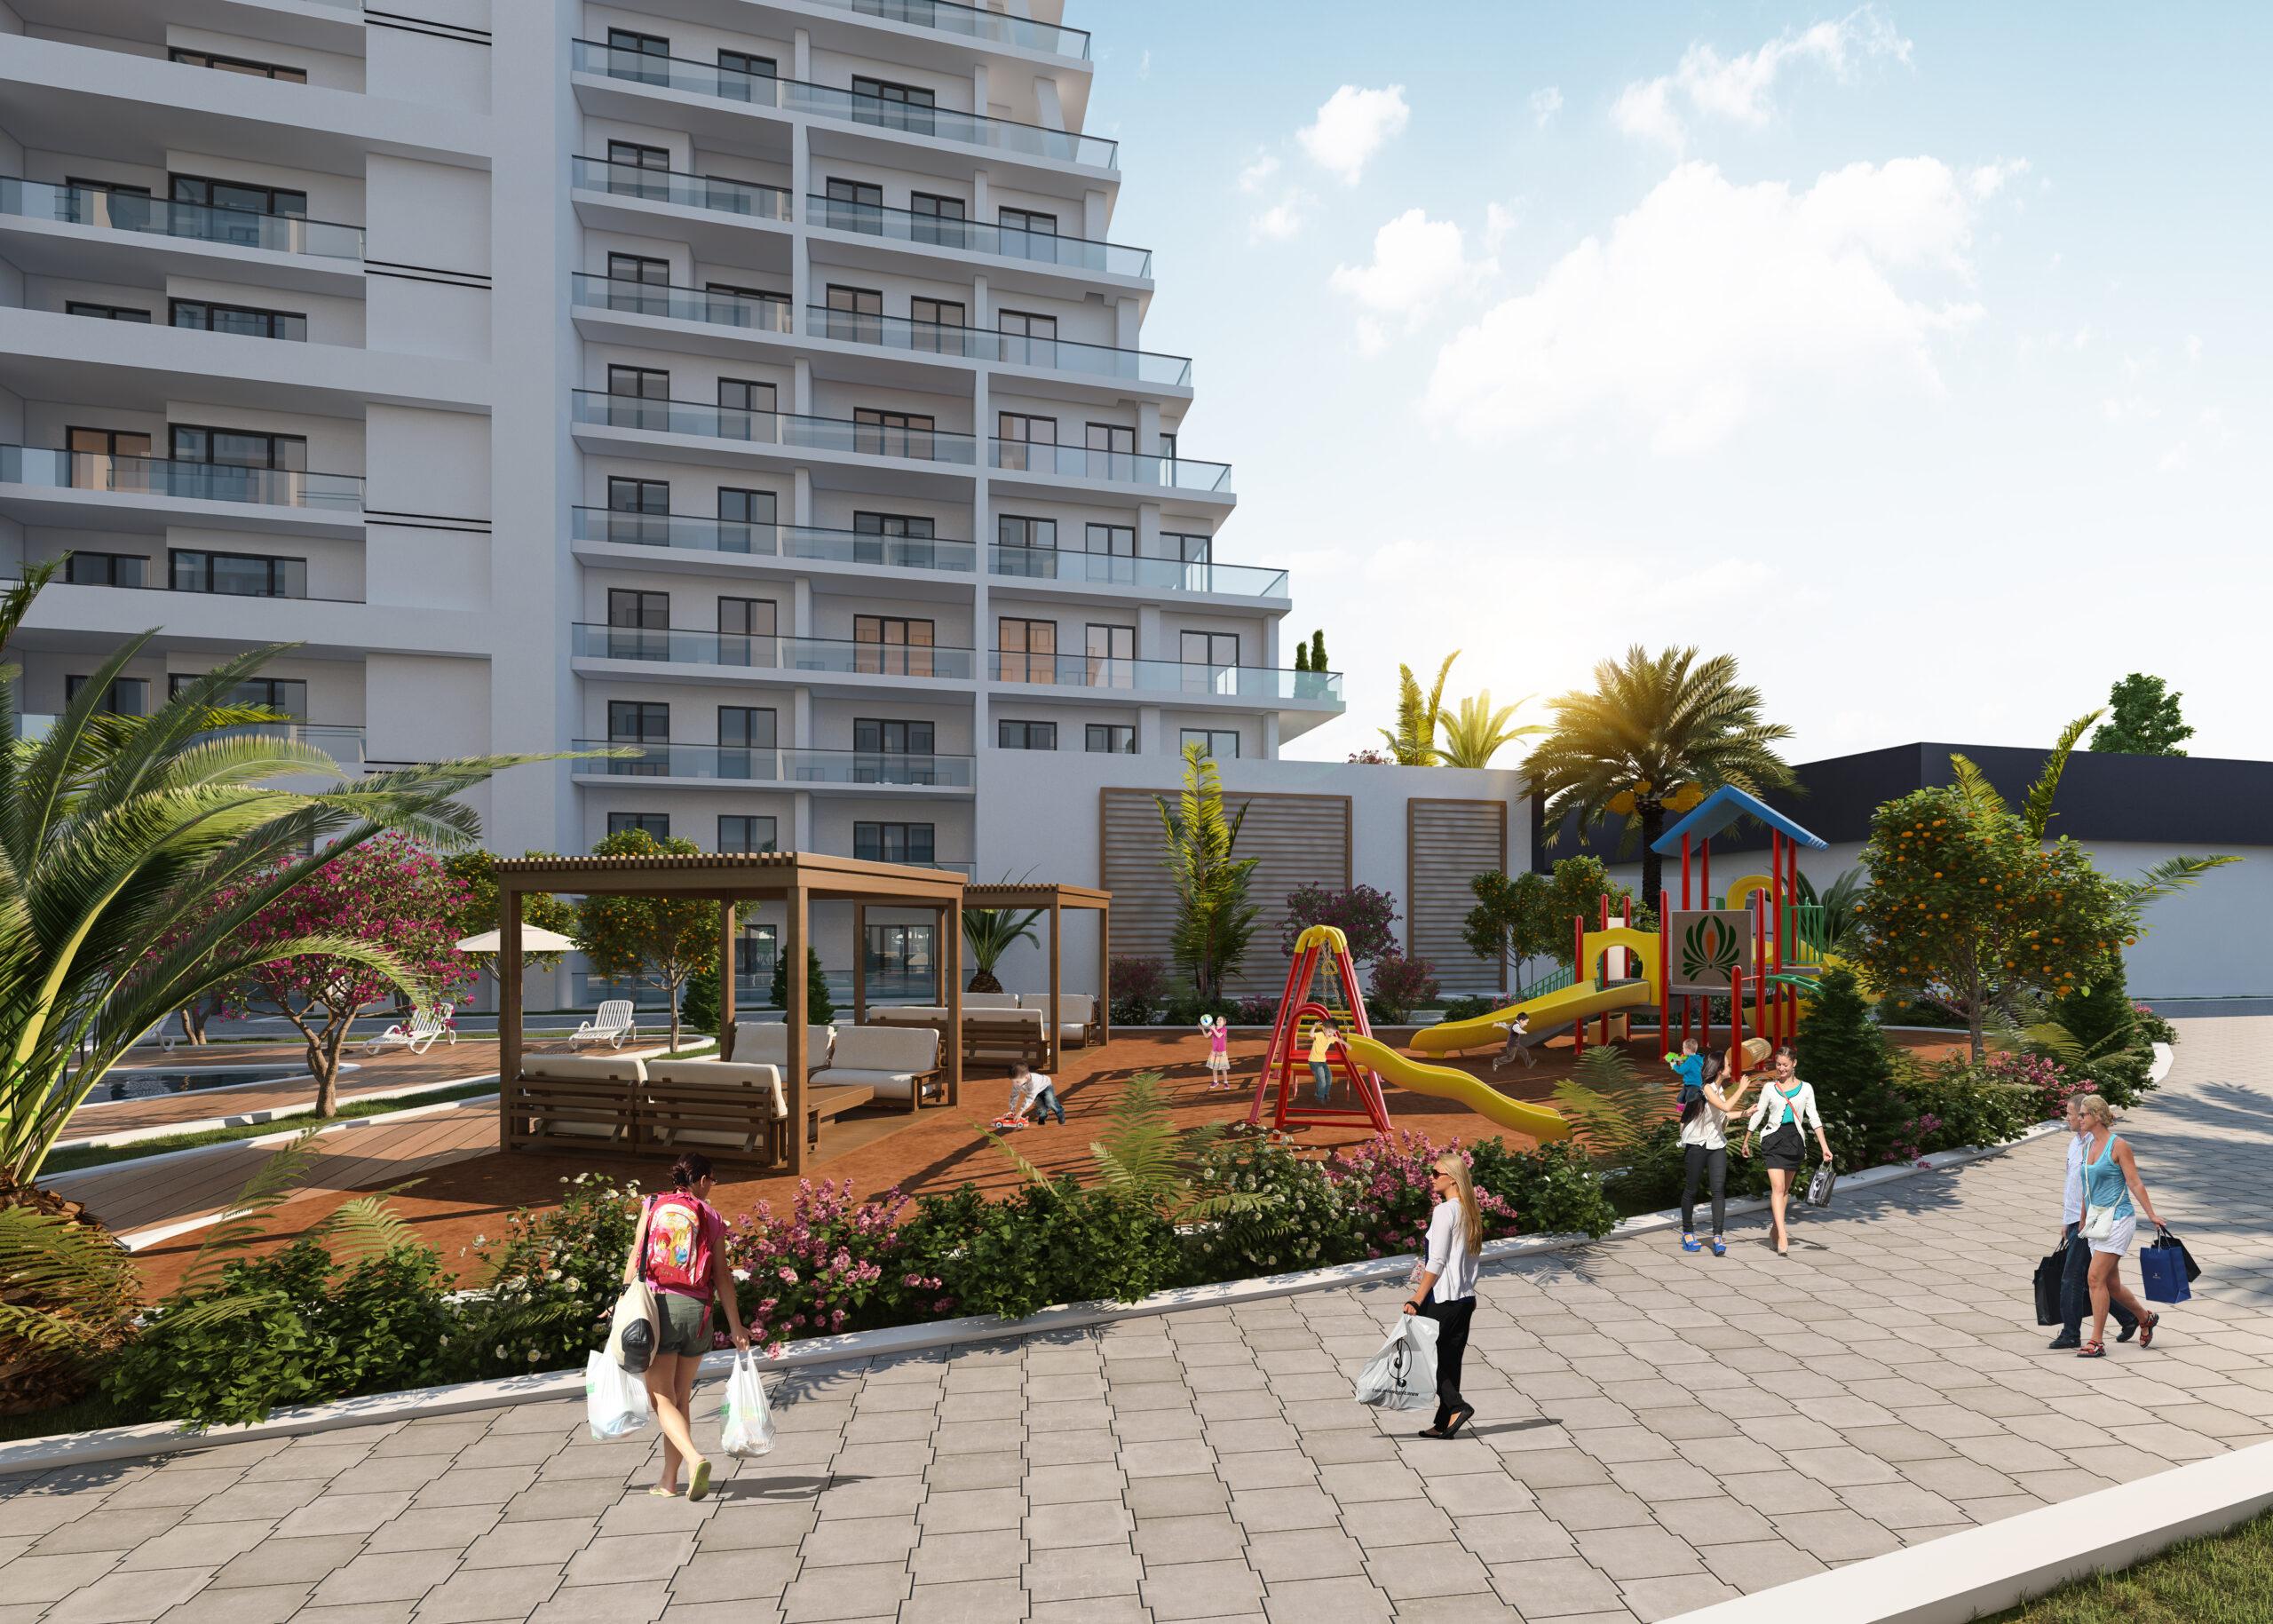 مشروع استثماري سكني في اسطنبول اسنيورت ( IC 63 )